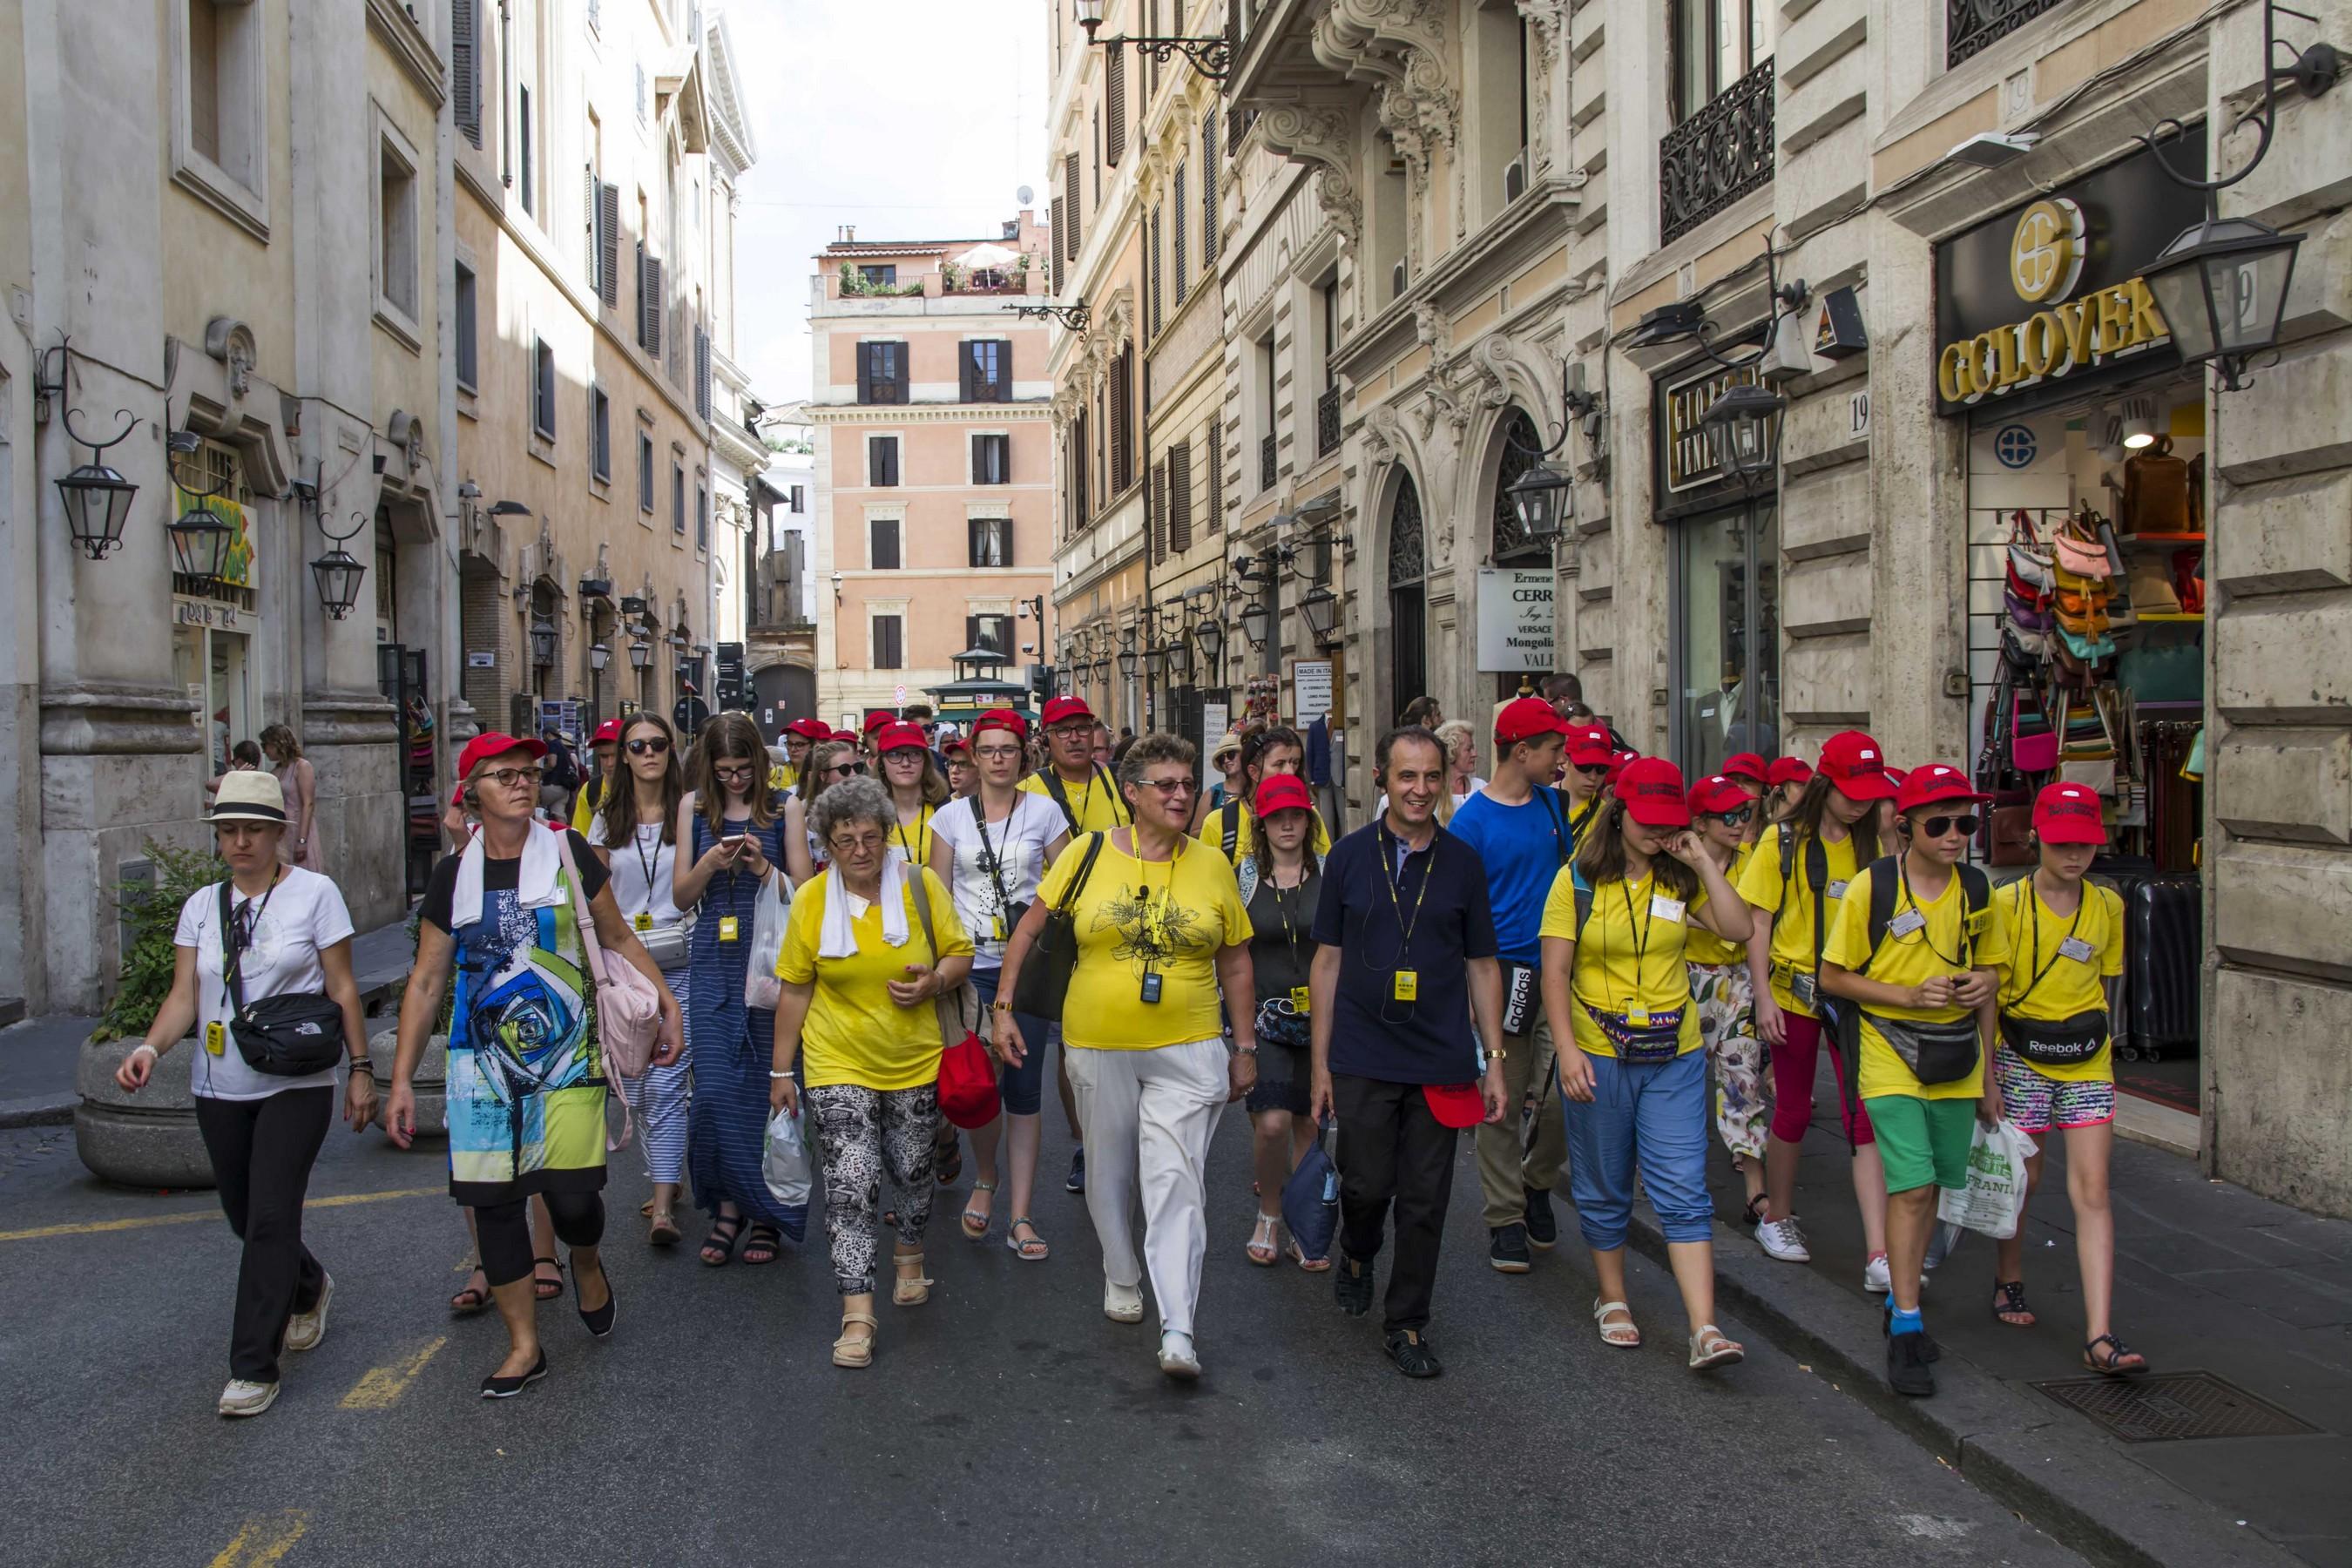 Pielgrzymka Włochy 2018